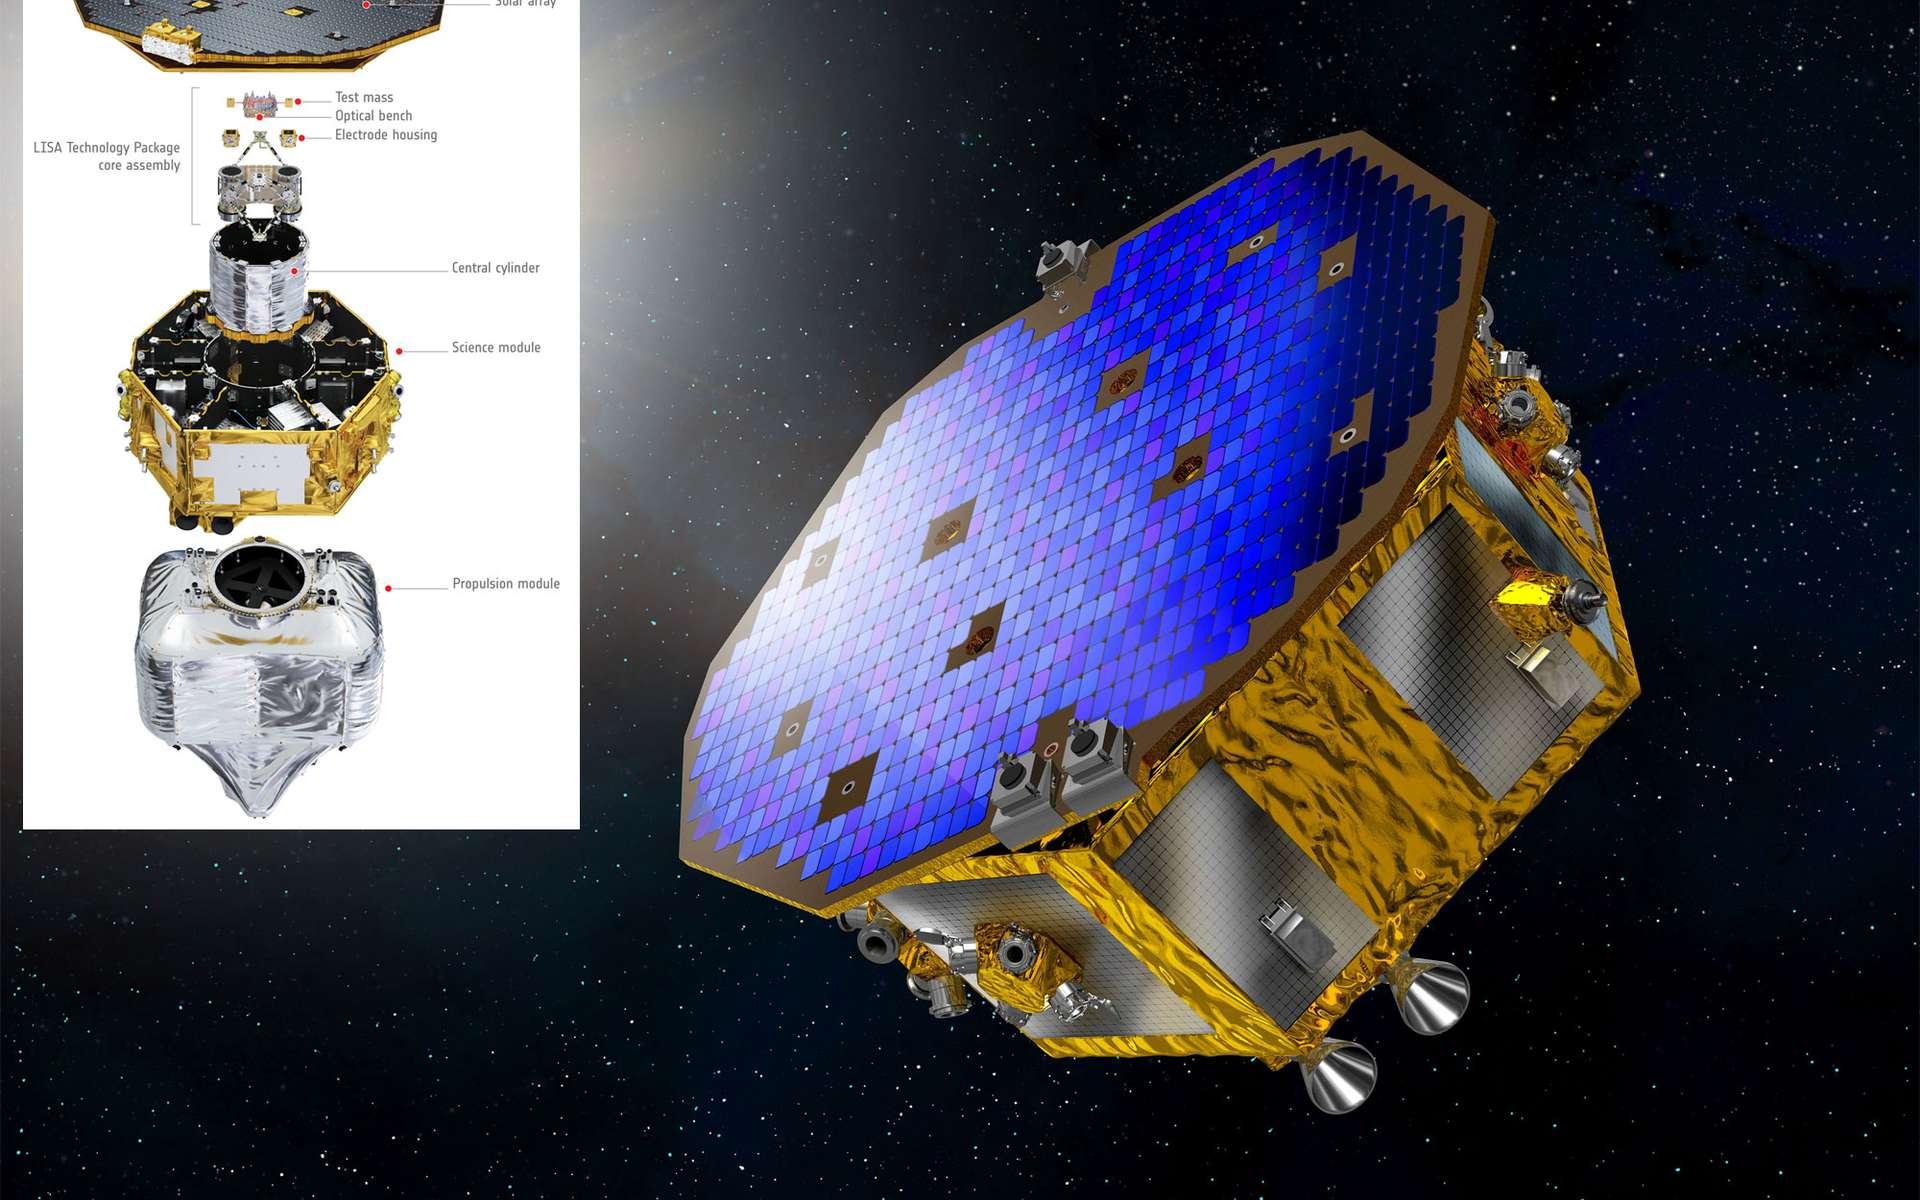 De forme cylindrique et doté d'un panneau solaire hexagonal, le satellite Lisa Pathfinder est large de 2,3 m pour une hauteur d'un mètre et pèse environ 500 kg (mais 1,9 tonne avec le module propulsif). C'est un démonstrateur qui prépare l'ambitieuse mission eLisa, qui comprendra trois engins séparés d'un million de kilomètres. © Esa